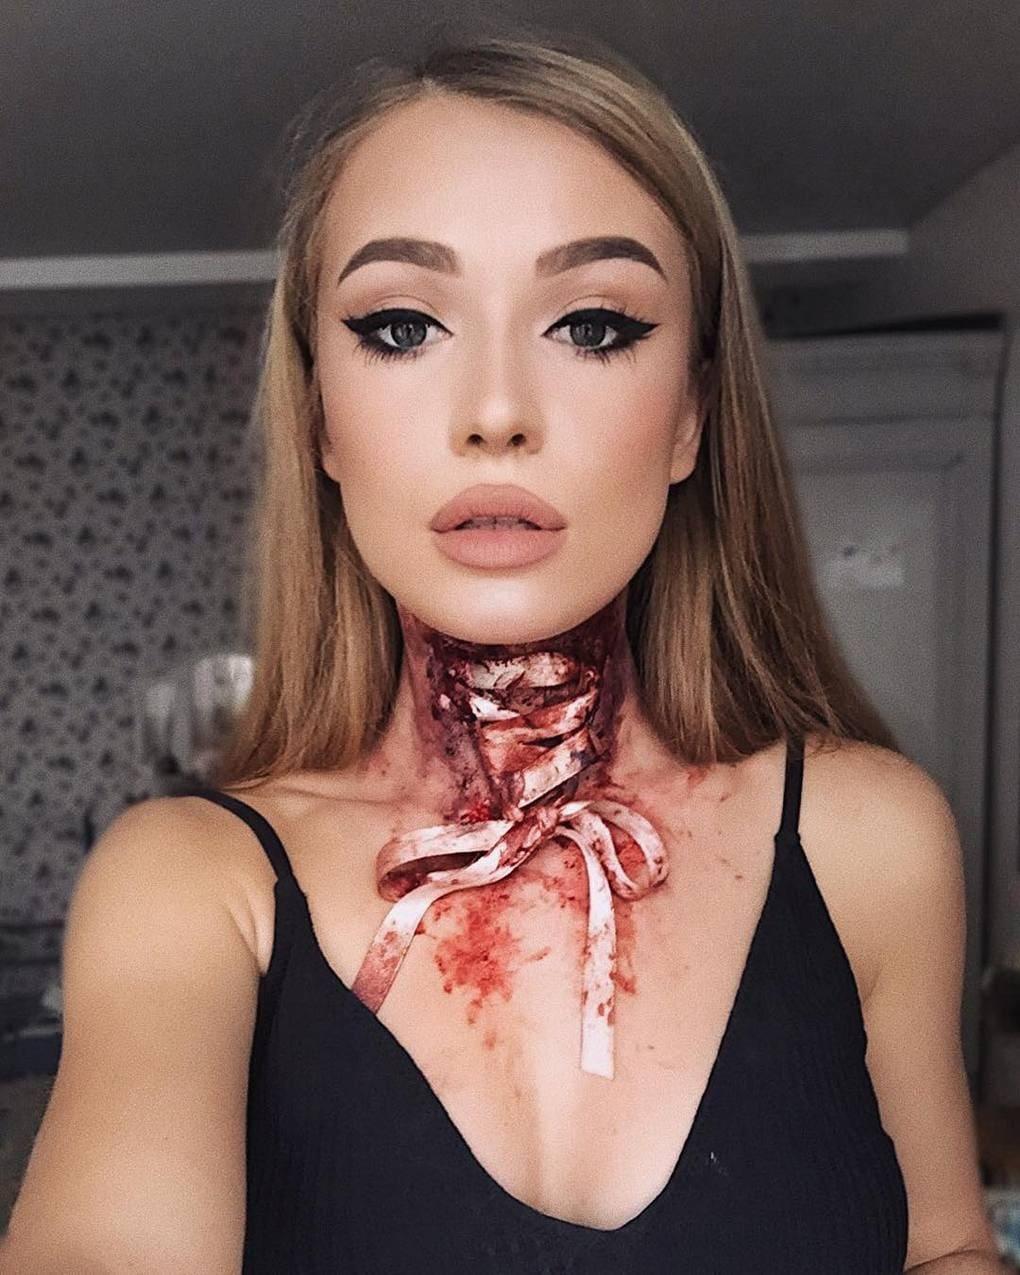 Визажист из Литвы делает макияж, с которым на Хэллоуине любая будет звездой вечеринки 7